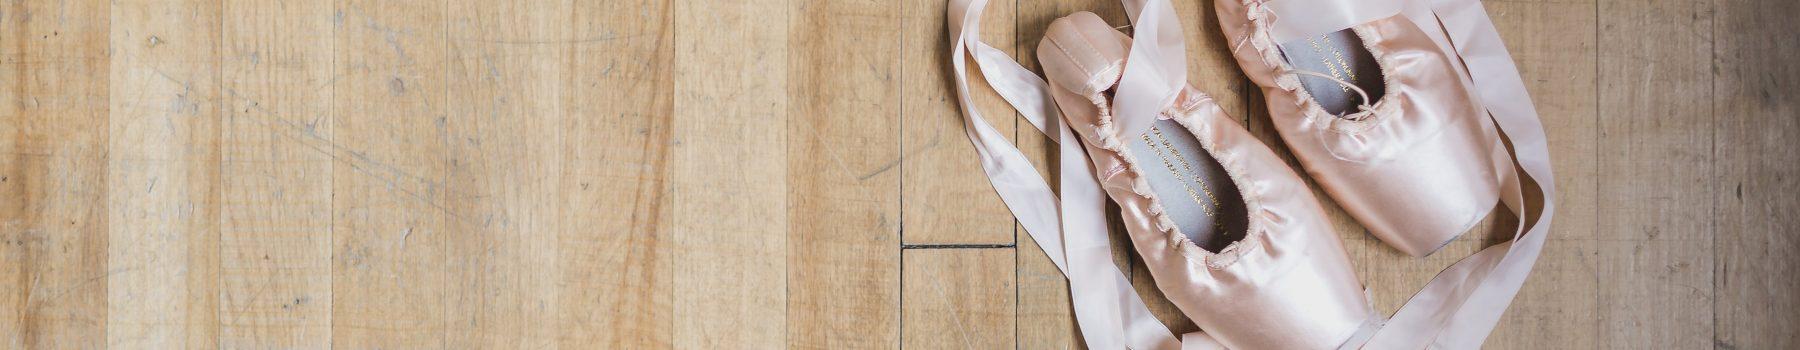 ballet-dance-shoes